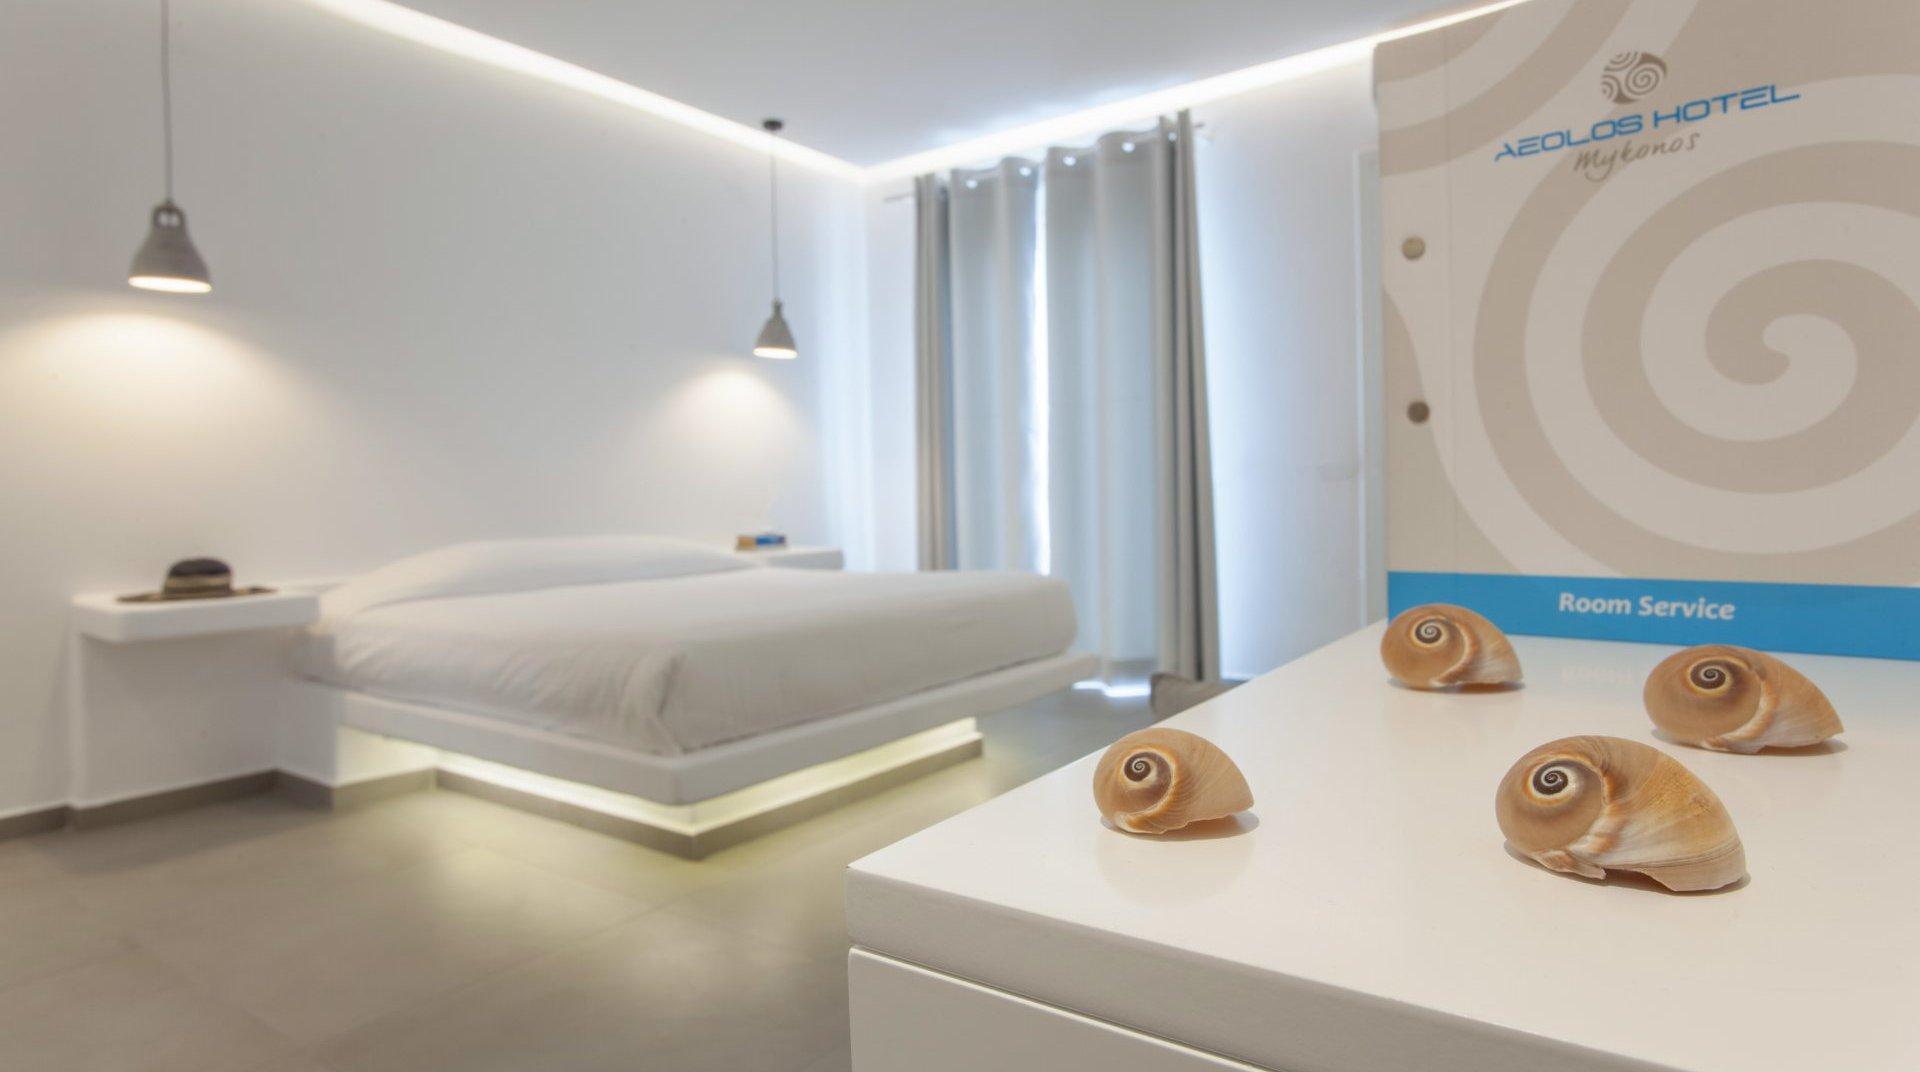 Το εσωτερικό του δωματίου με τον κατάλογο του Room Service, και από πίσω το κρεβάτι με τα φώτα από κάτω και τα φωτιστικά στο ταβάνι.